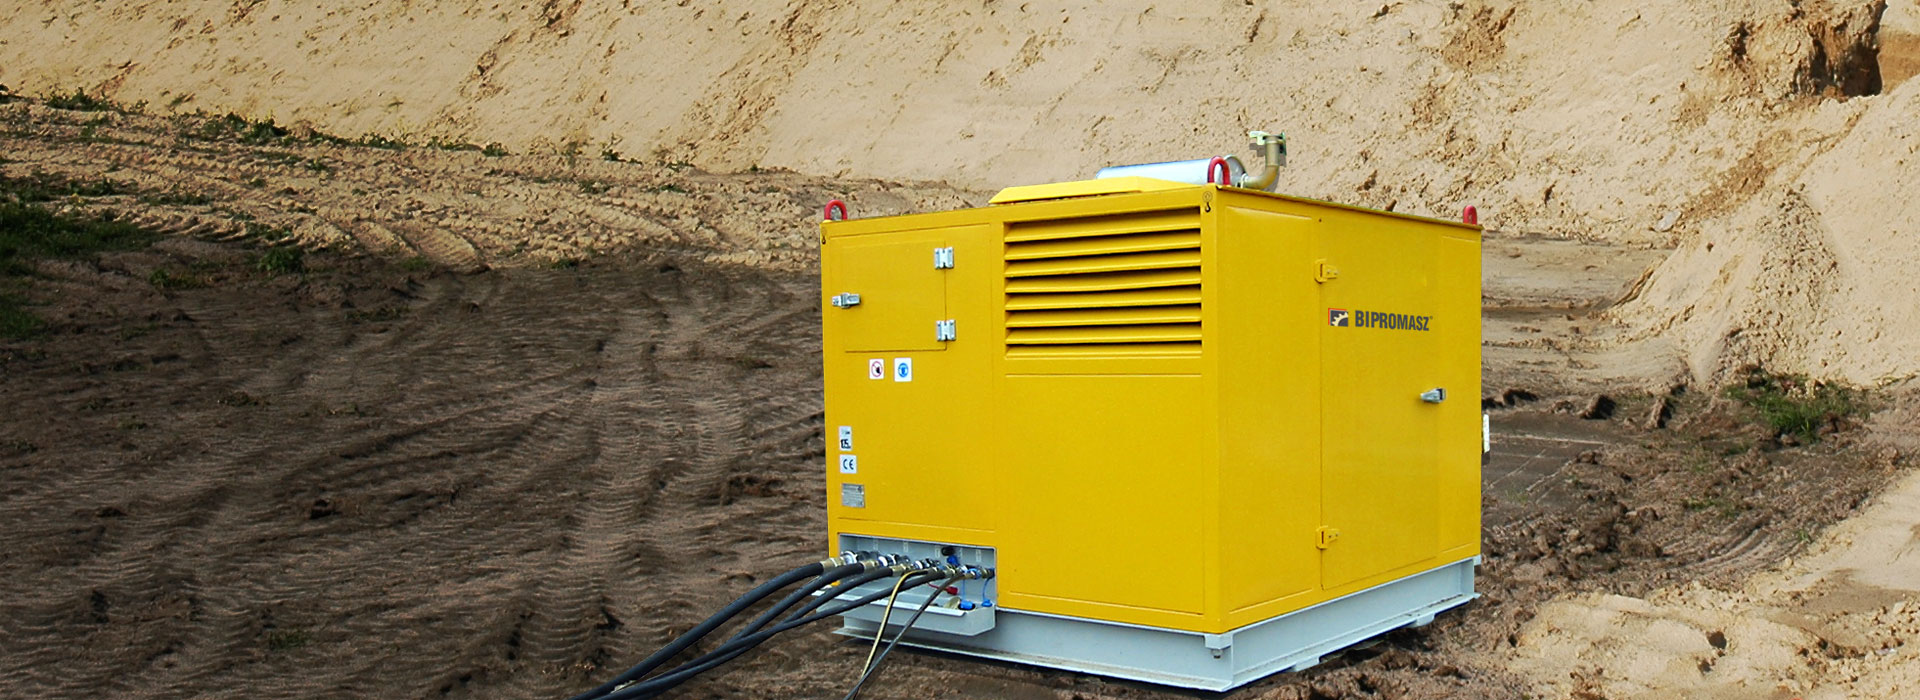 Produkujemy <br/>Agregaty hydrauliczne spalinowe i elektryczne